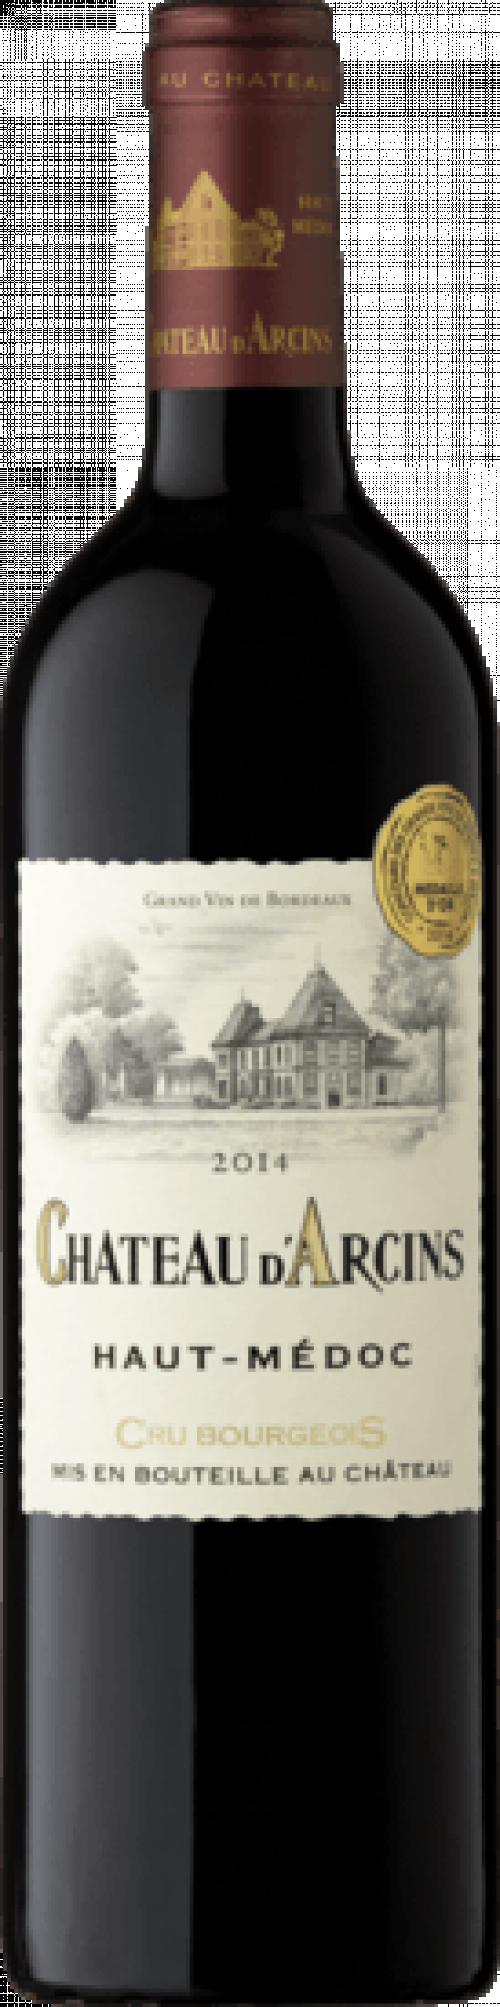 2014 Chateau D'arcins Haut-Medoc 750ml